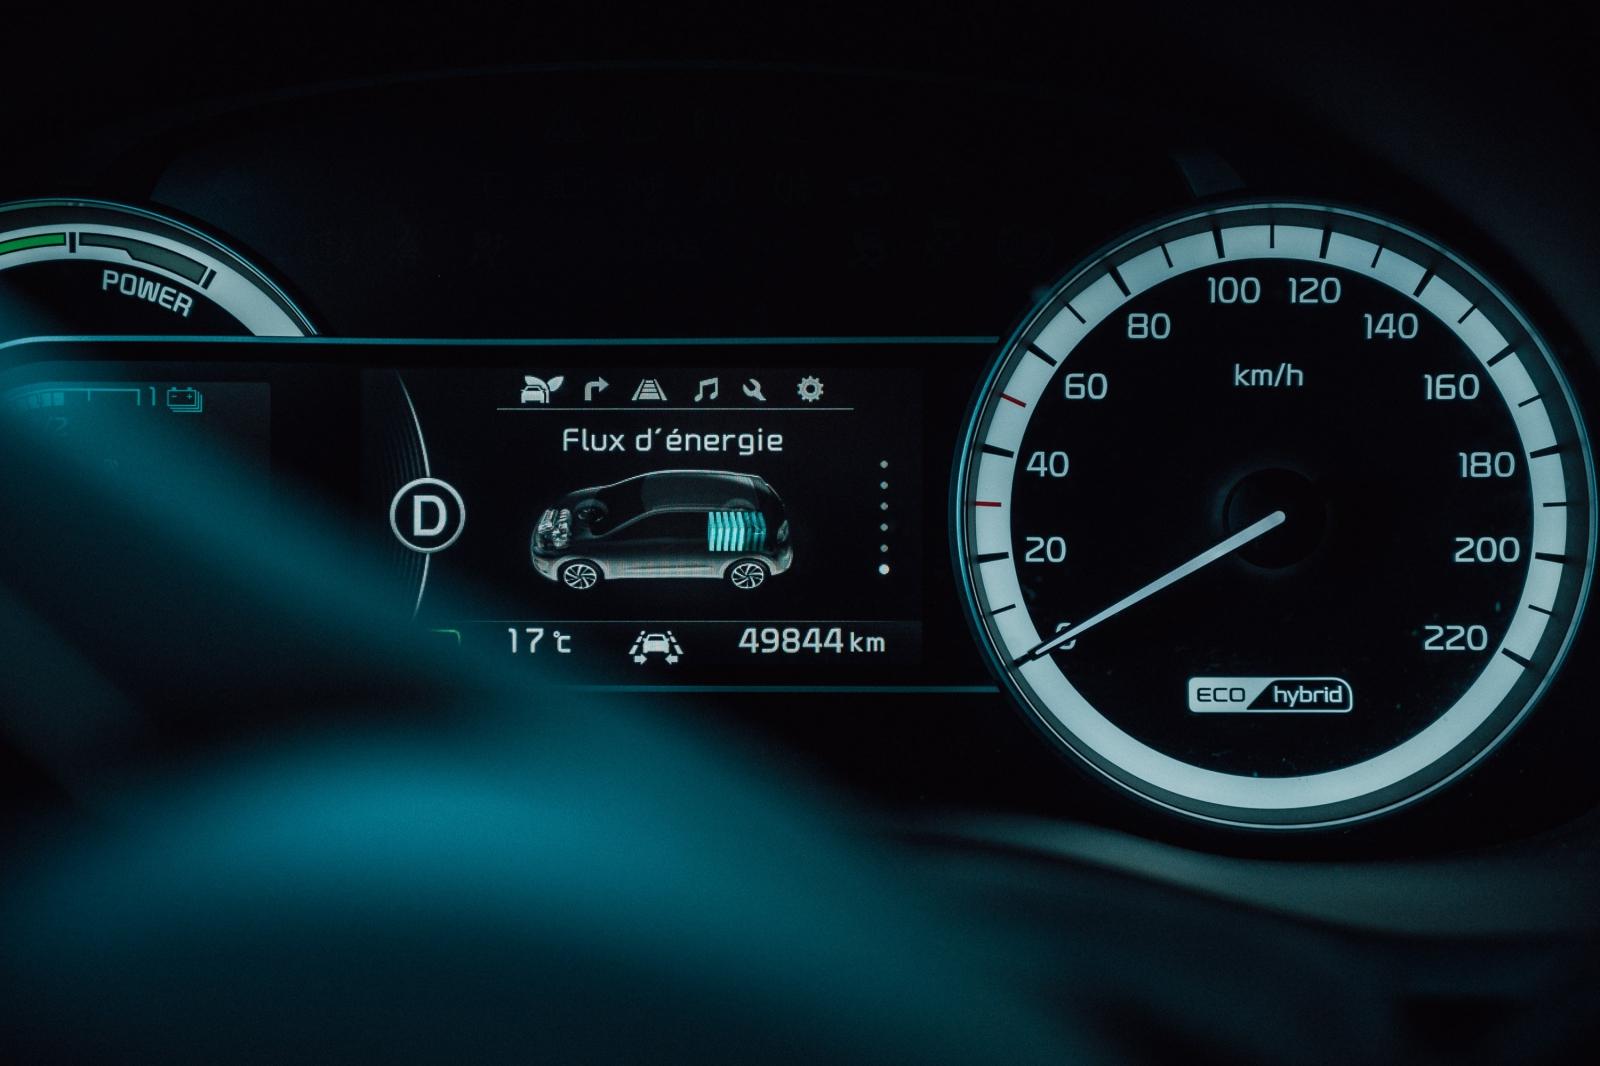 【汽車專知】油電百百種!Hybrid 跟PHEV是什麼呢?哪種適合我?